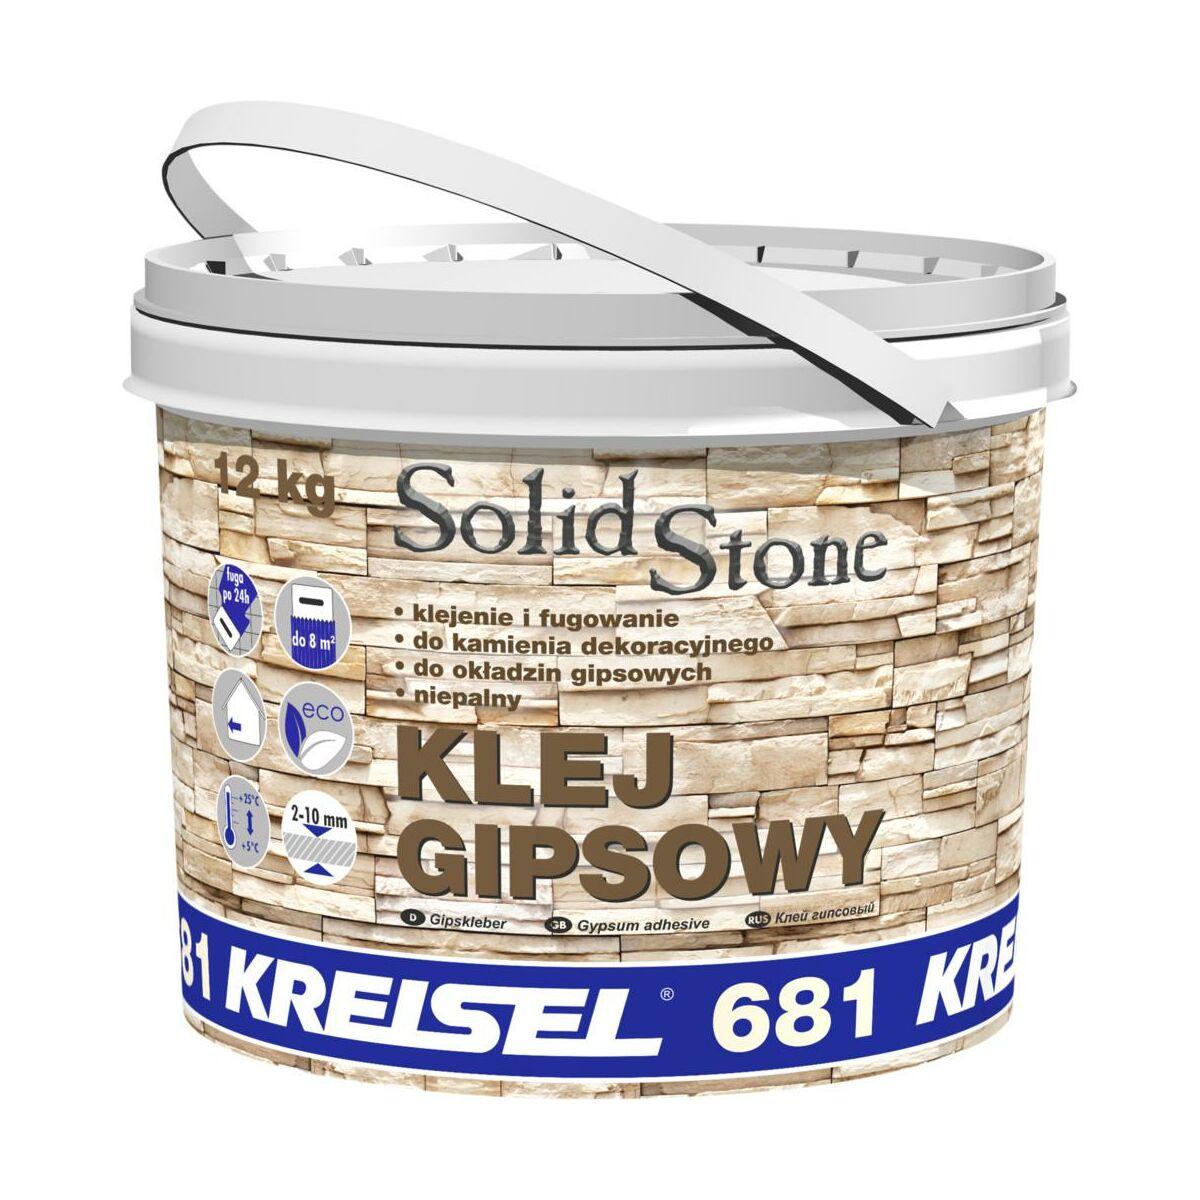 Klej Gipsowy Do Kamienia Dekoracyjnego Solid Stone 12 Kg Kreisel Kleje Do Kamieni I Plytek Elewacyjnych W Atrakcyjnej Cenie W Sklepach Leroy Merlin